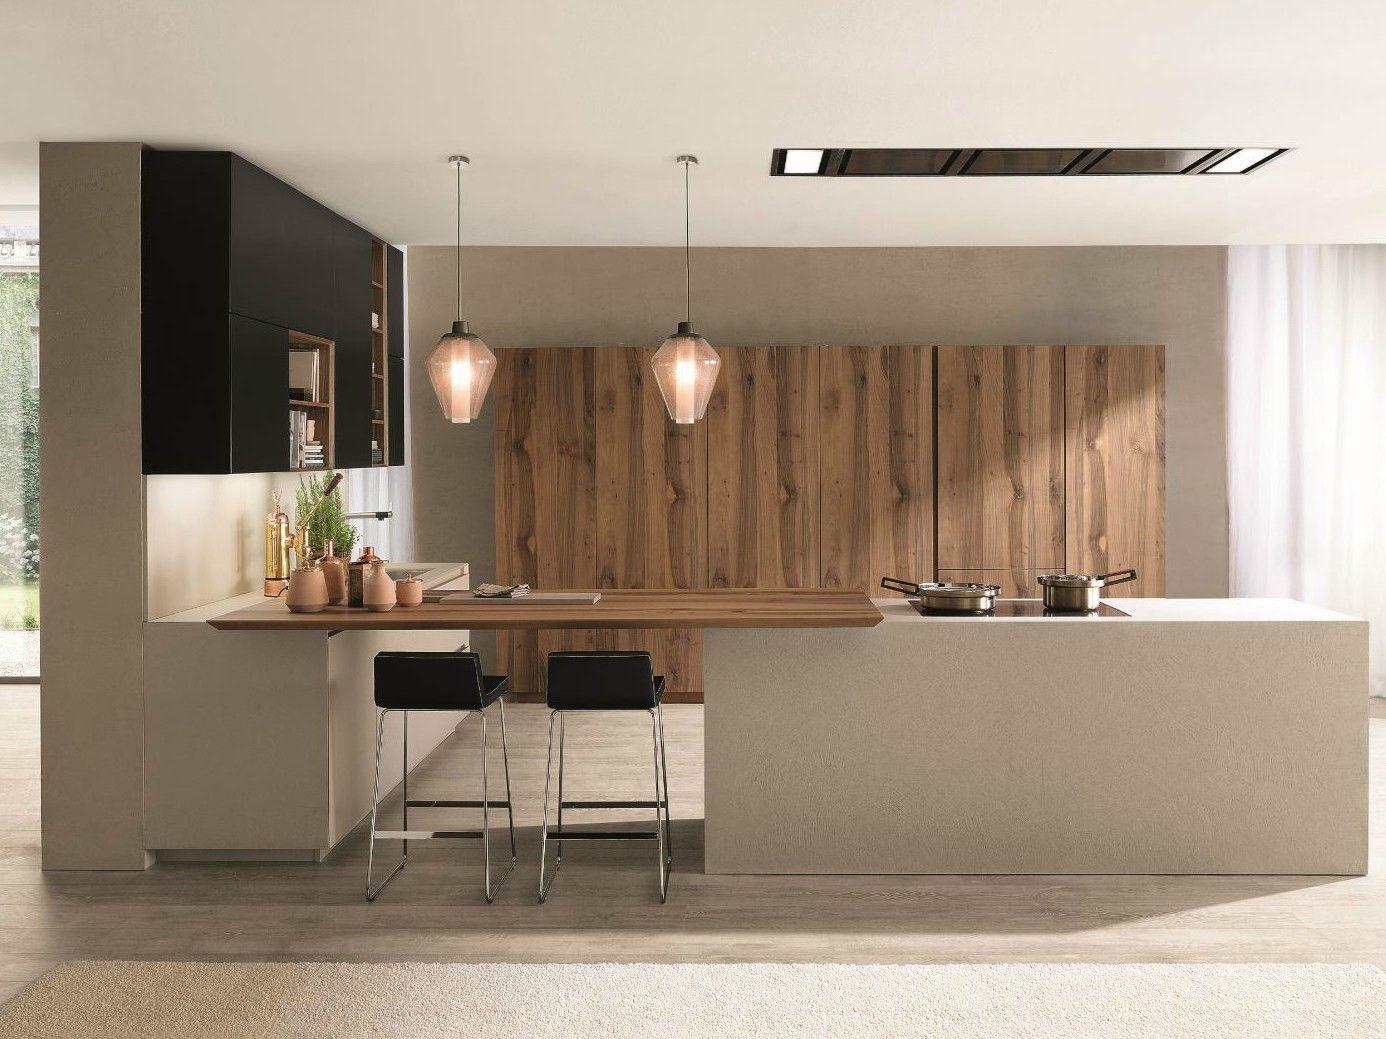 Famoso Diseño De La Cocina Los Angeles Ca Patrón - Como Decorar la ...